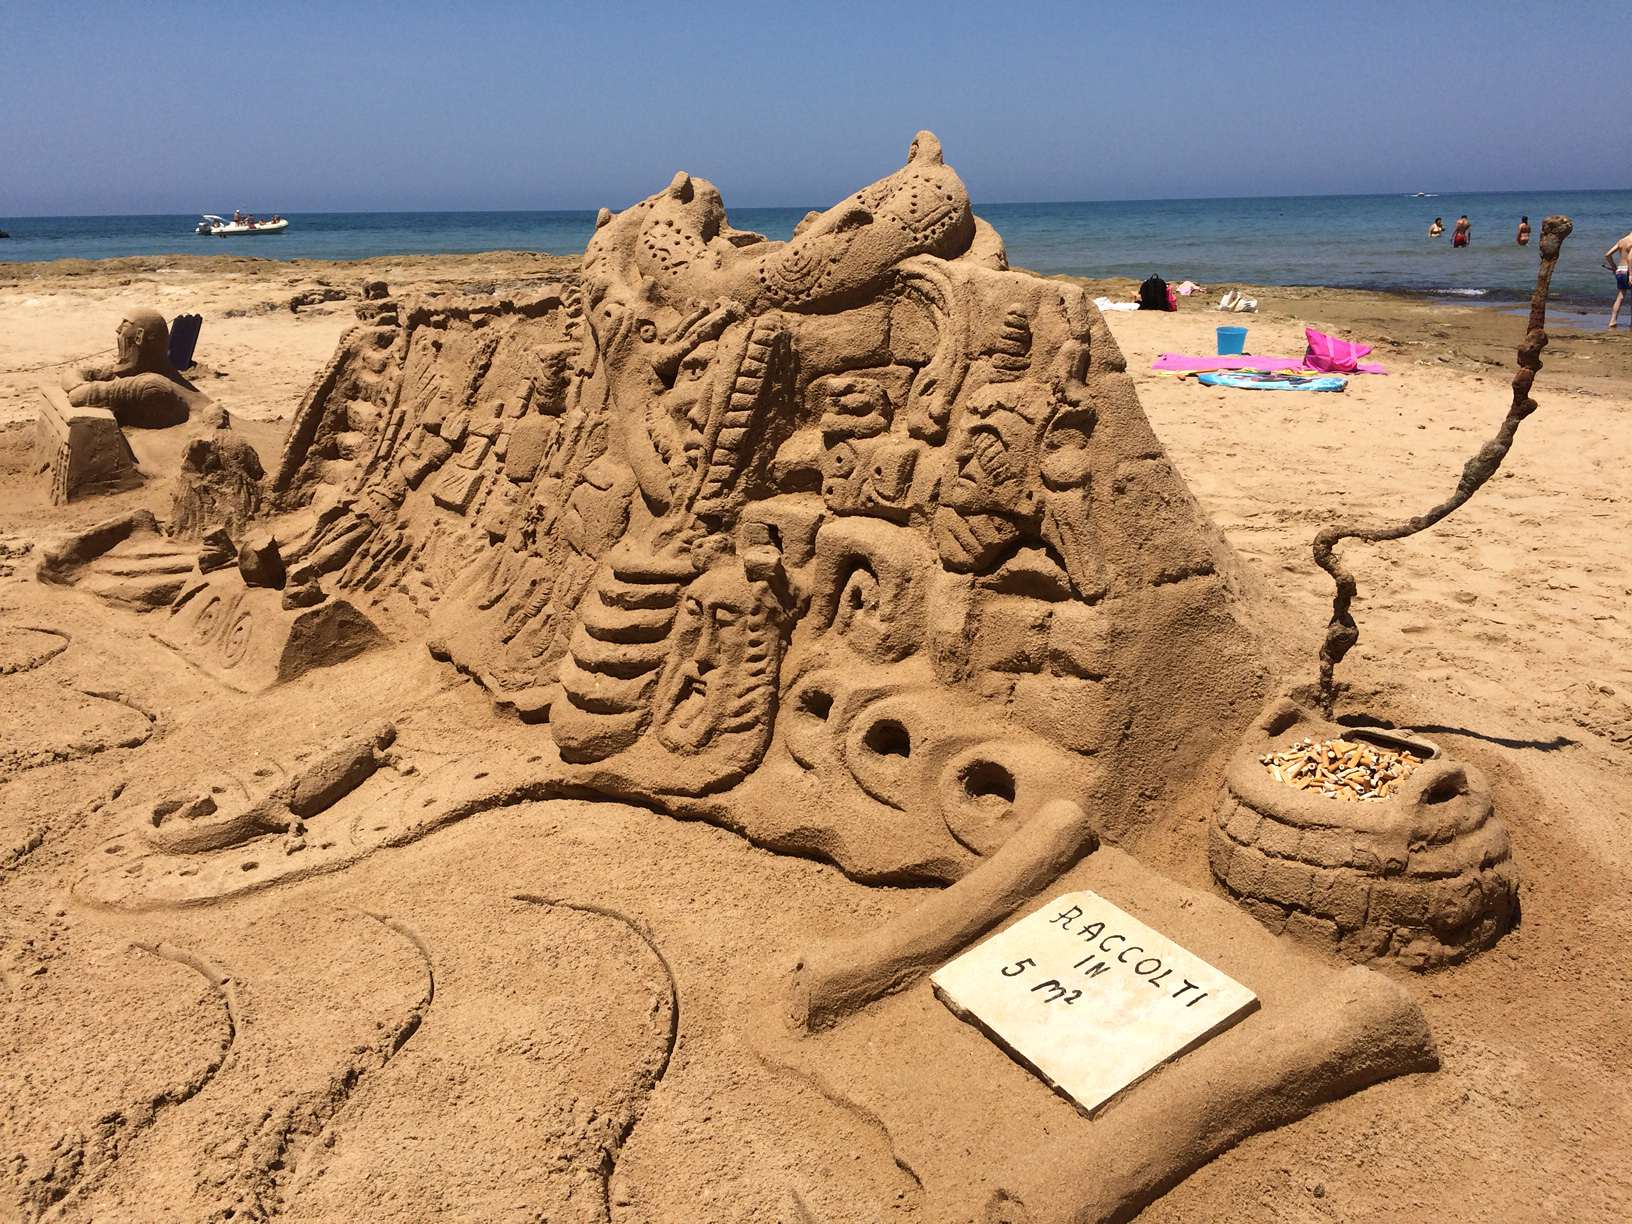 Iannini, l'ambiente dopo il Cristo Redentore: l'ultima scultura in sabbia